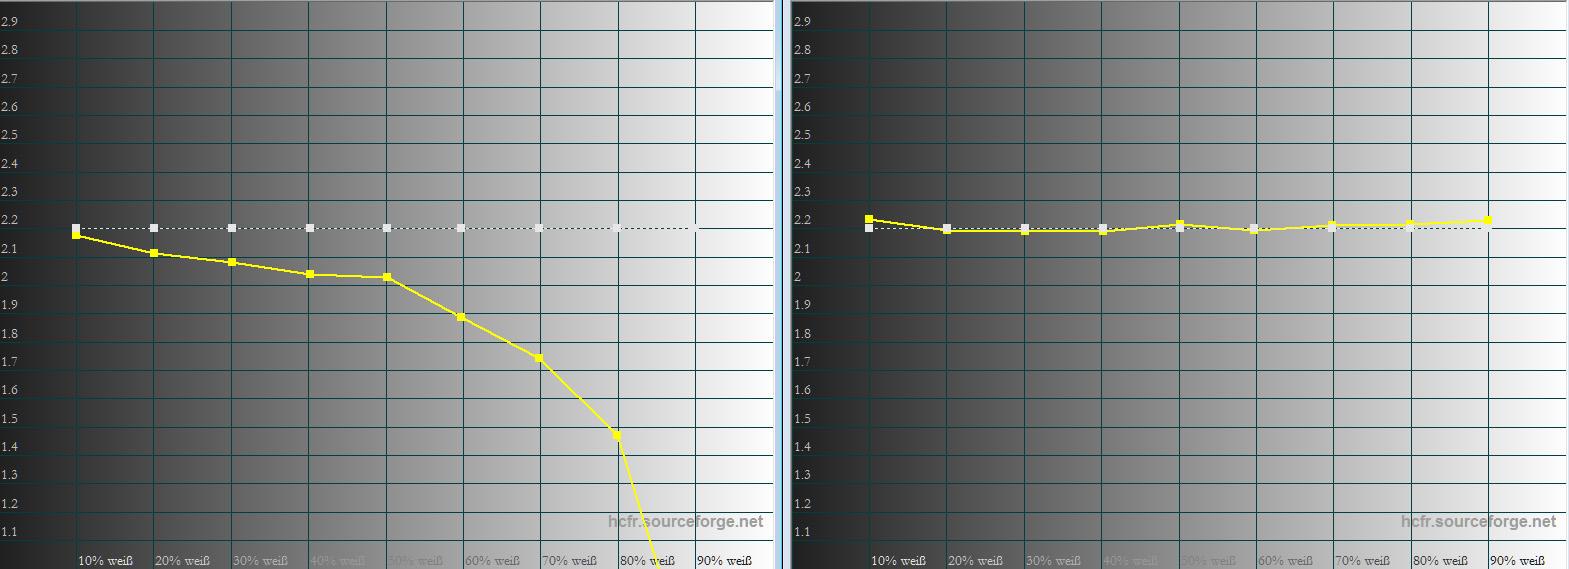 """Gamma: Ab Werk und nach der Kalibrierung fällt der Gammaverlauf homogen aus (rechts). Sobald die dynamische Helligkeitsregelung """"Dynamic Black"""" eingeschaltet wird, ändert sich der gute Bildeindruck sichtbar. Helle Bildinhalte werden zunehmend aufgehellt. Mit einer normnahen Wiedergabe hat das zwar nichts mehr zu tun, ist aber dafür gedacht, vor allem in dunklen Filmszenen helle Bereiche strahlender erscheinen zu lassen."""